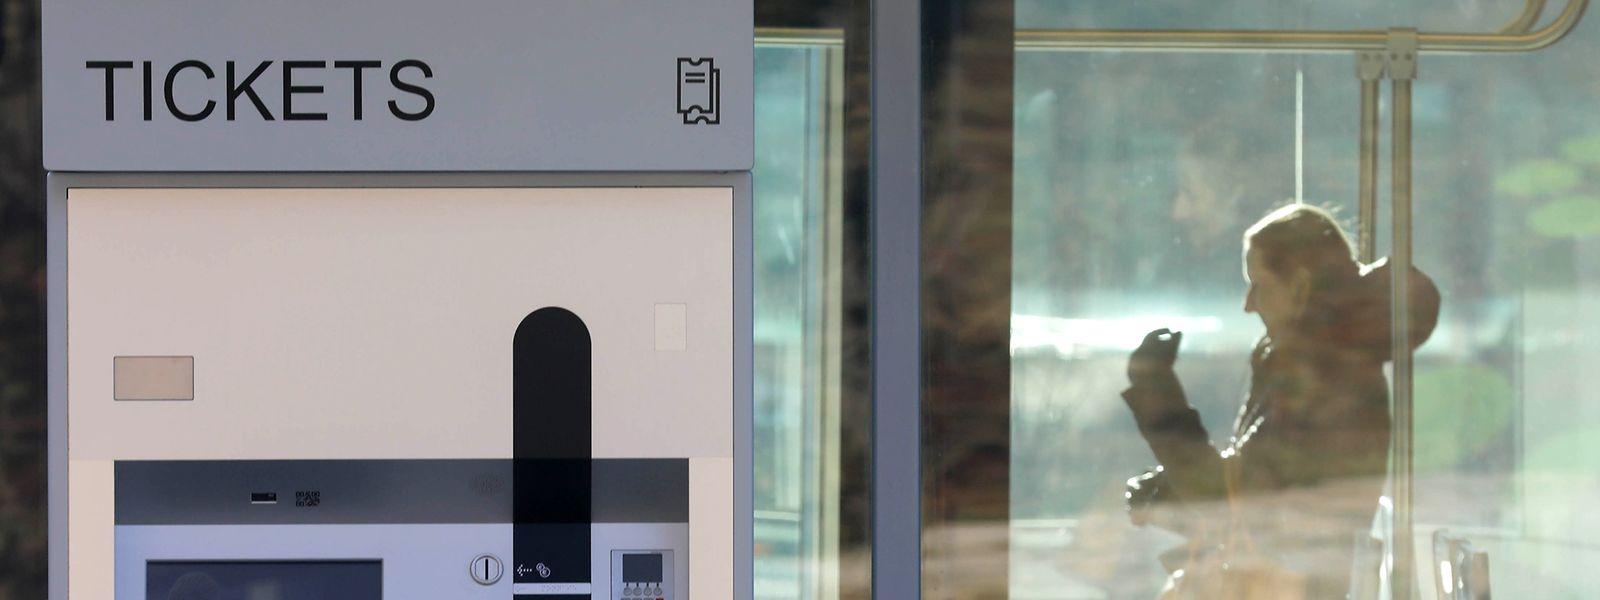 Wer keinen gültigen Fahrschein in Bus, Bahn und Tram vorzeigen kann, riskiert 150 Euro Strafe zu bezahlen. Bis zur Einführung des Gratistransports gilt die Fahrscheinpflicht – und es wird auch weiterhin kontrolliert.